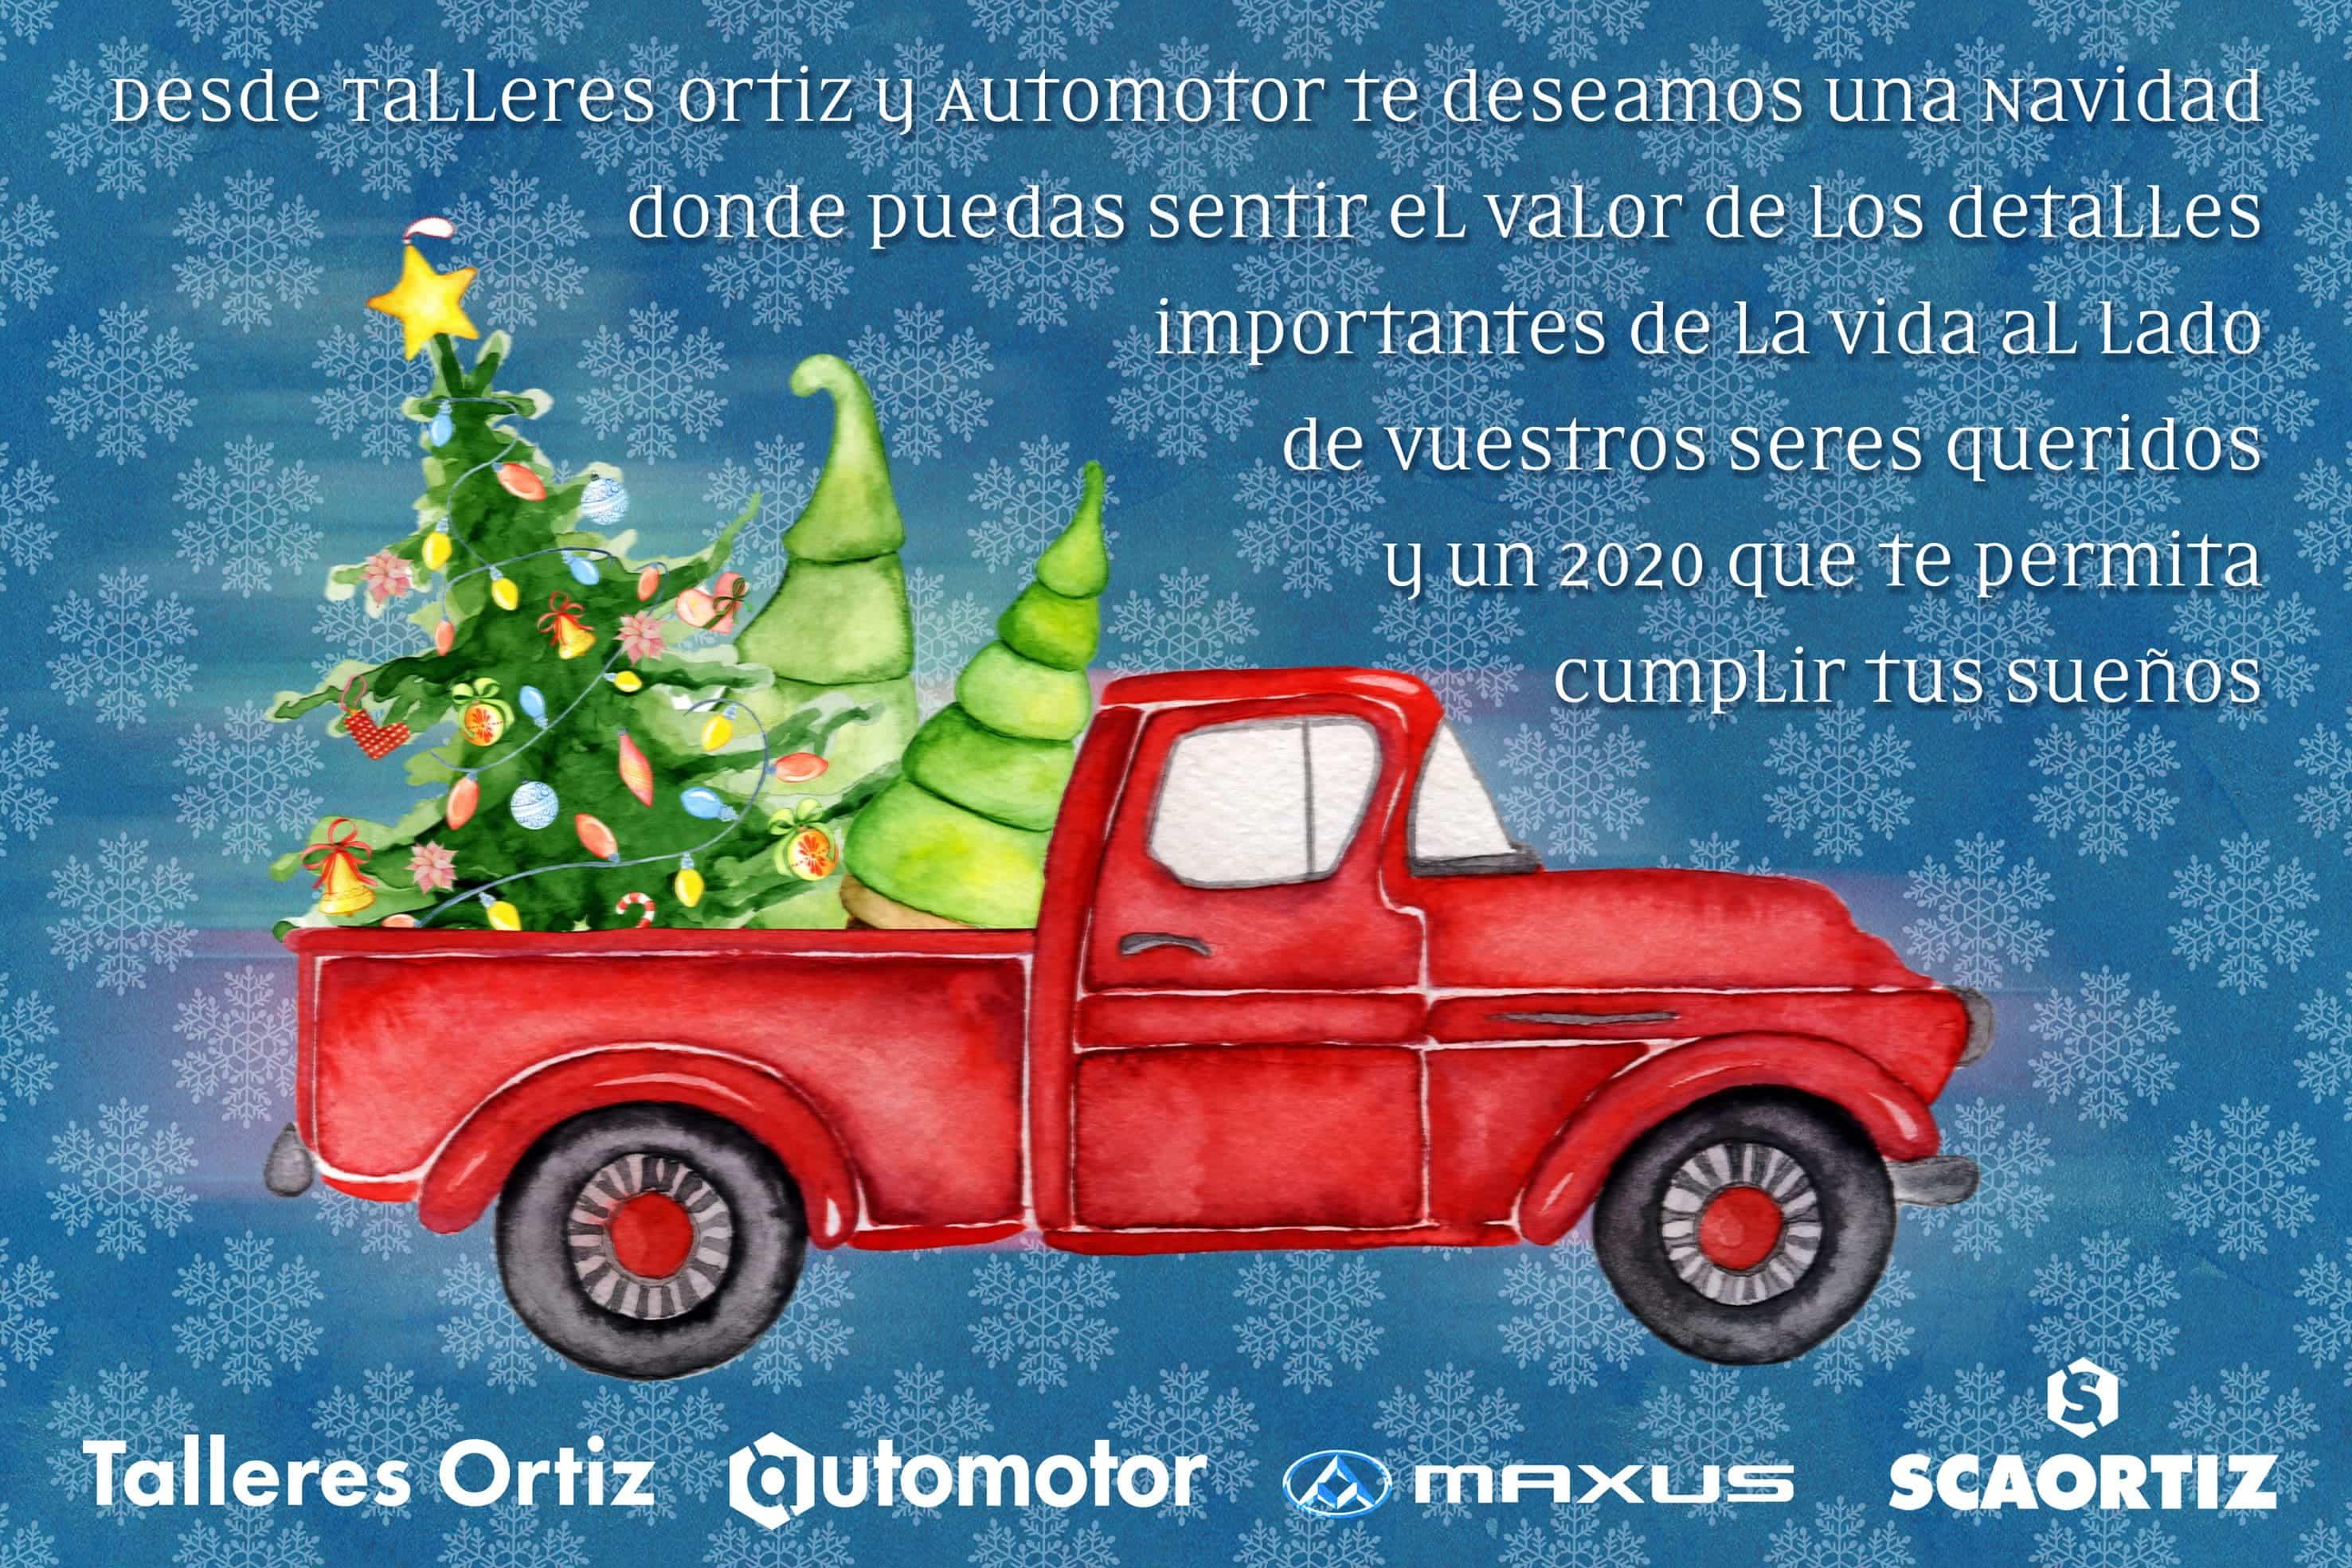 Automotor te desea Feliz Navidad y un Feliz 2020